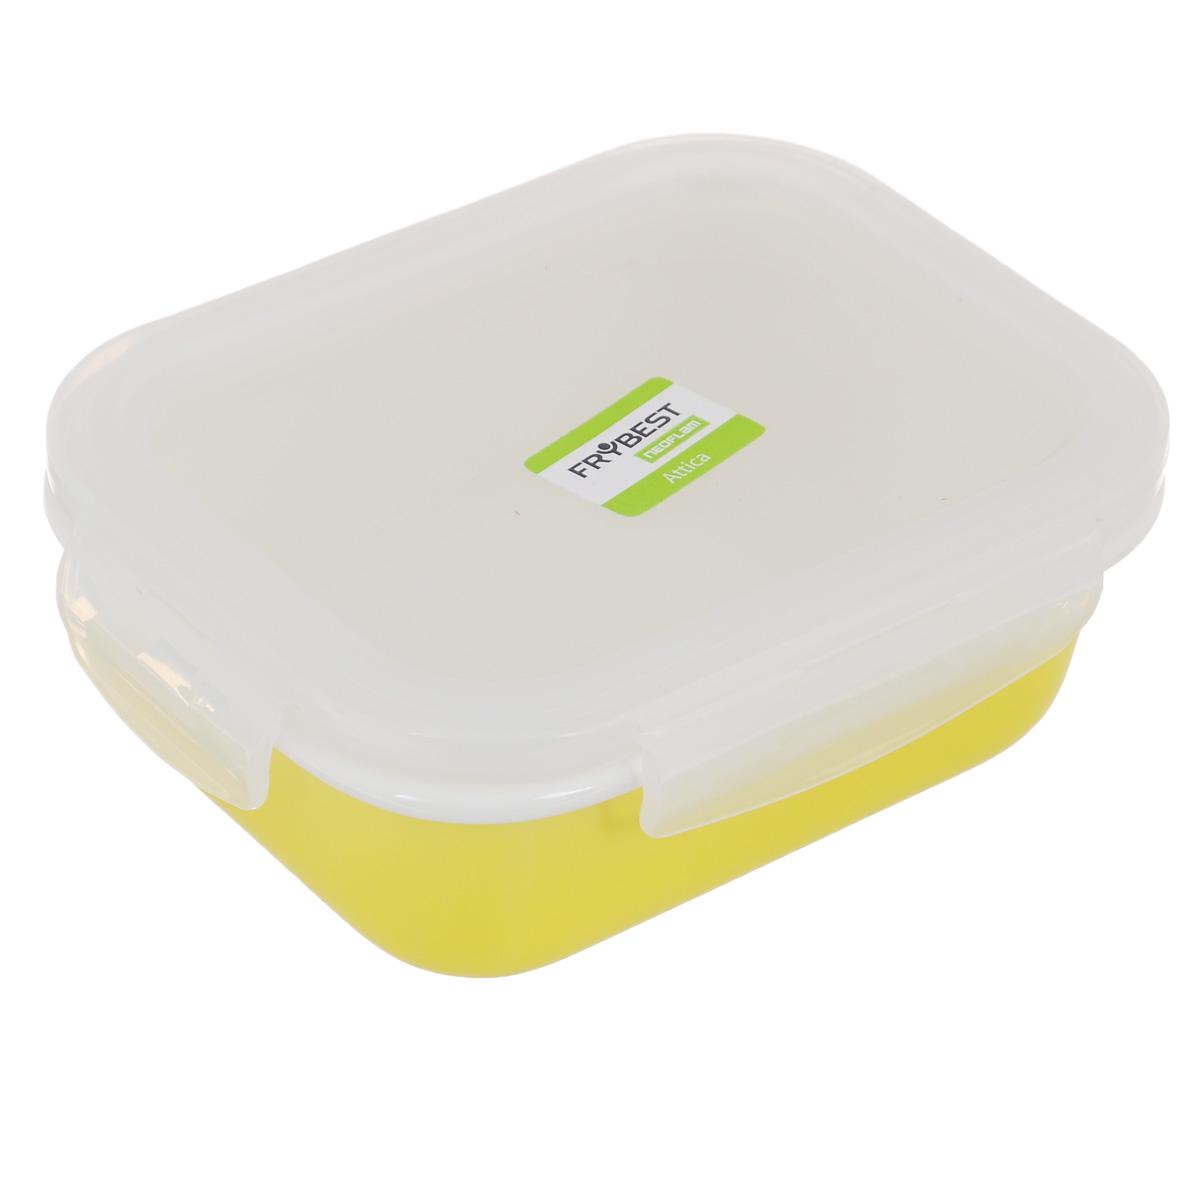 Контейнер Frybest Attica Rainbow, с крышкой, цвет: желтый, 370 млVT-1520(SR)Контейнер Frybest Attica Rainbow изготовлен из высококачественного фарфора, покрытого слоем сверкающей глазури. Продукт экологичен, так как не содержит токсичных и ядовитых материалов. Цвет материала не блекнет со временем, а покрытие не впитывает запах продуктов. Контейнер оснащен прозрачной пластиковой крышкой, которая плотно закрывается на 4 защелки. Превосходная герметичность позволяет дольше сохранять свежесть продуктов. Утонченный европейский дизайн: прекрасное украшение стола. Подходит для мытья в посудомоечной машине, хранения в холодильной и морозильной камерах. Объем: 370 мл.